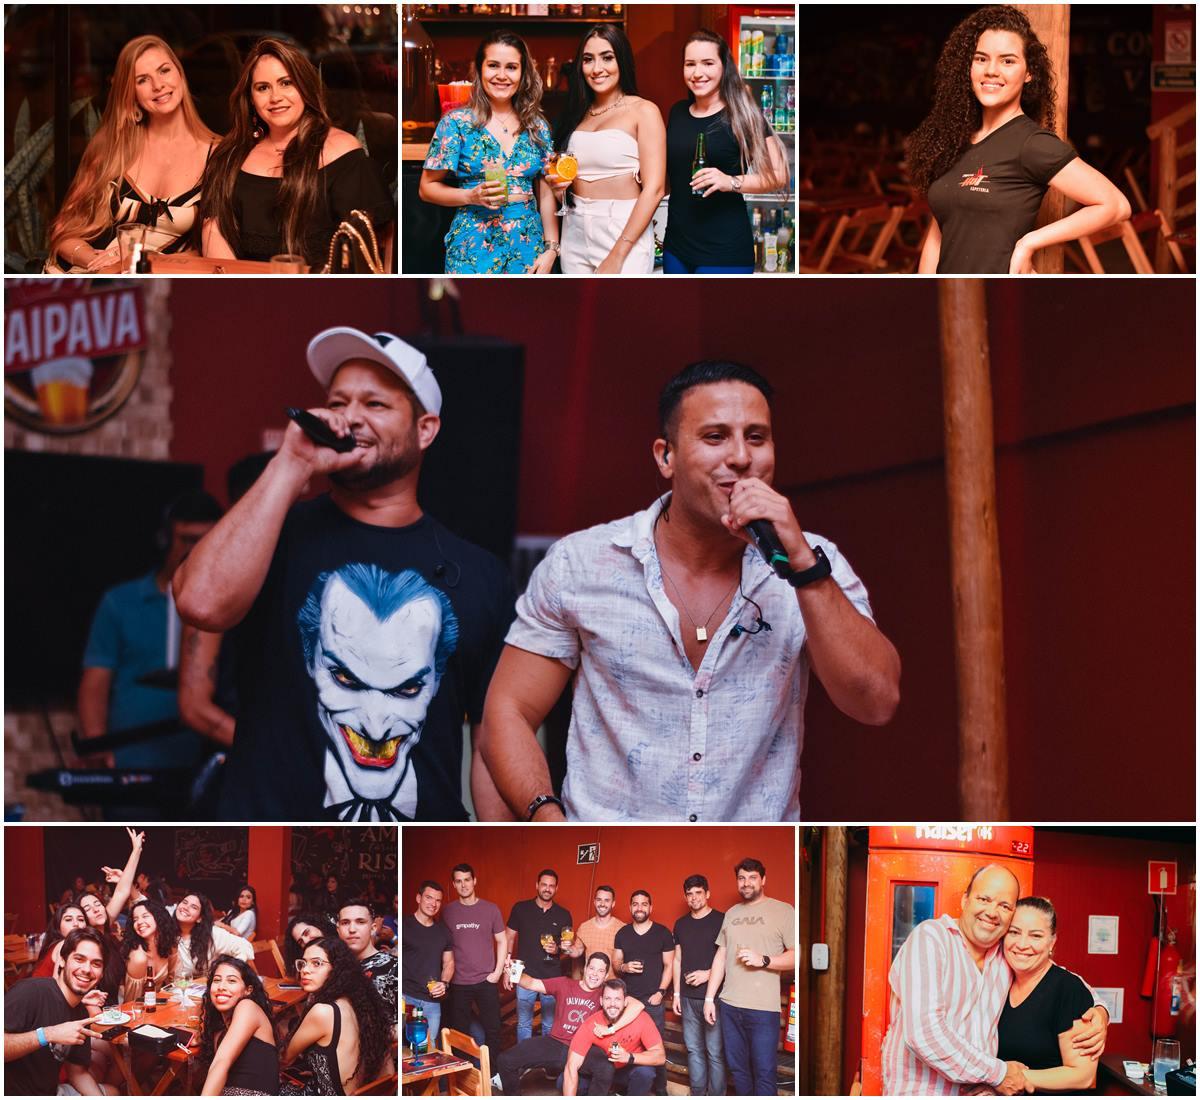 Público vai ao delírio com apresentação da dupla André Lima e Rafael na Hot 22